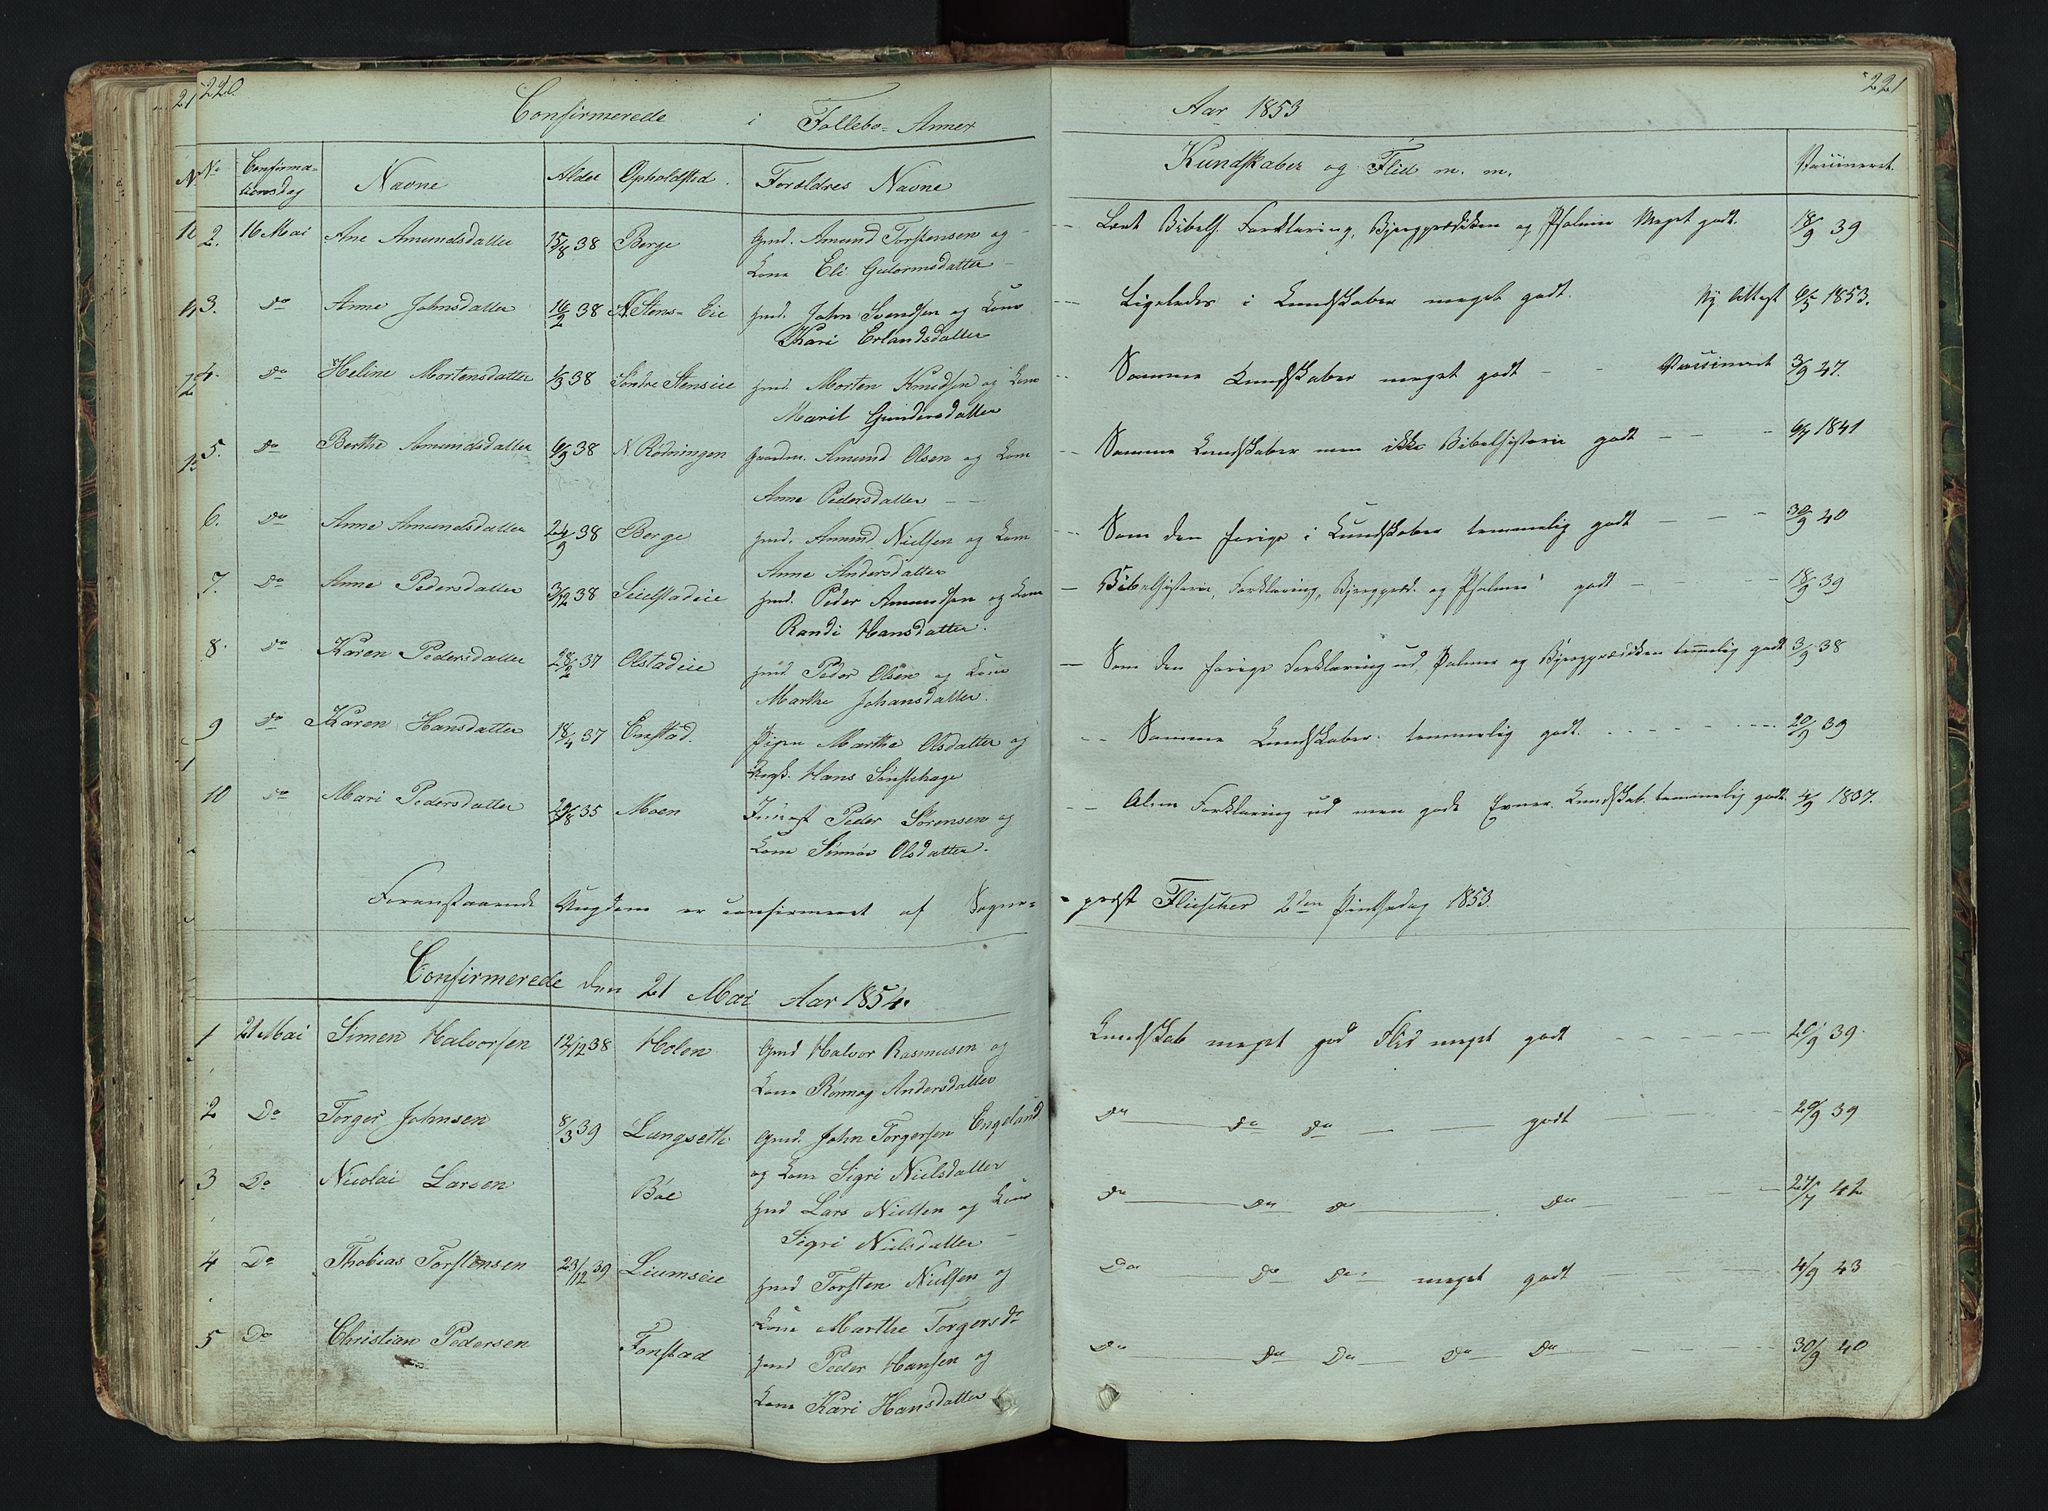 SAH, Gausdal prestekontor, Klokkerbok nr. 6, 1846-1893, s. 220-221